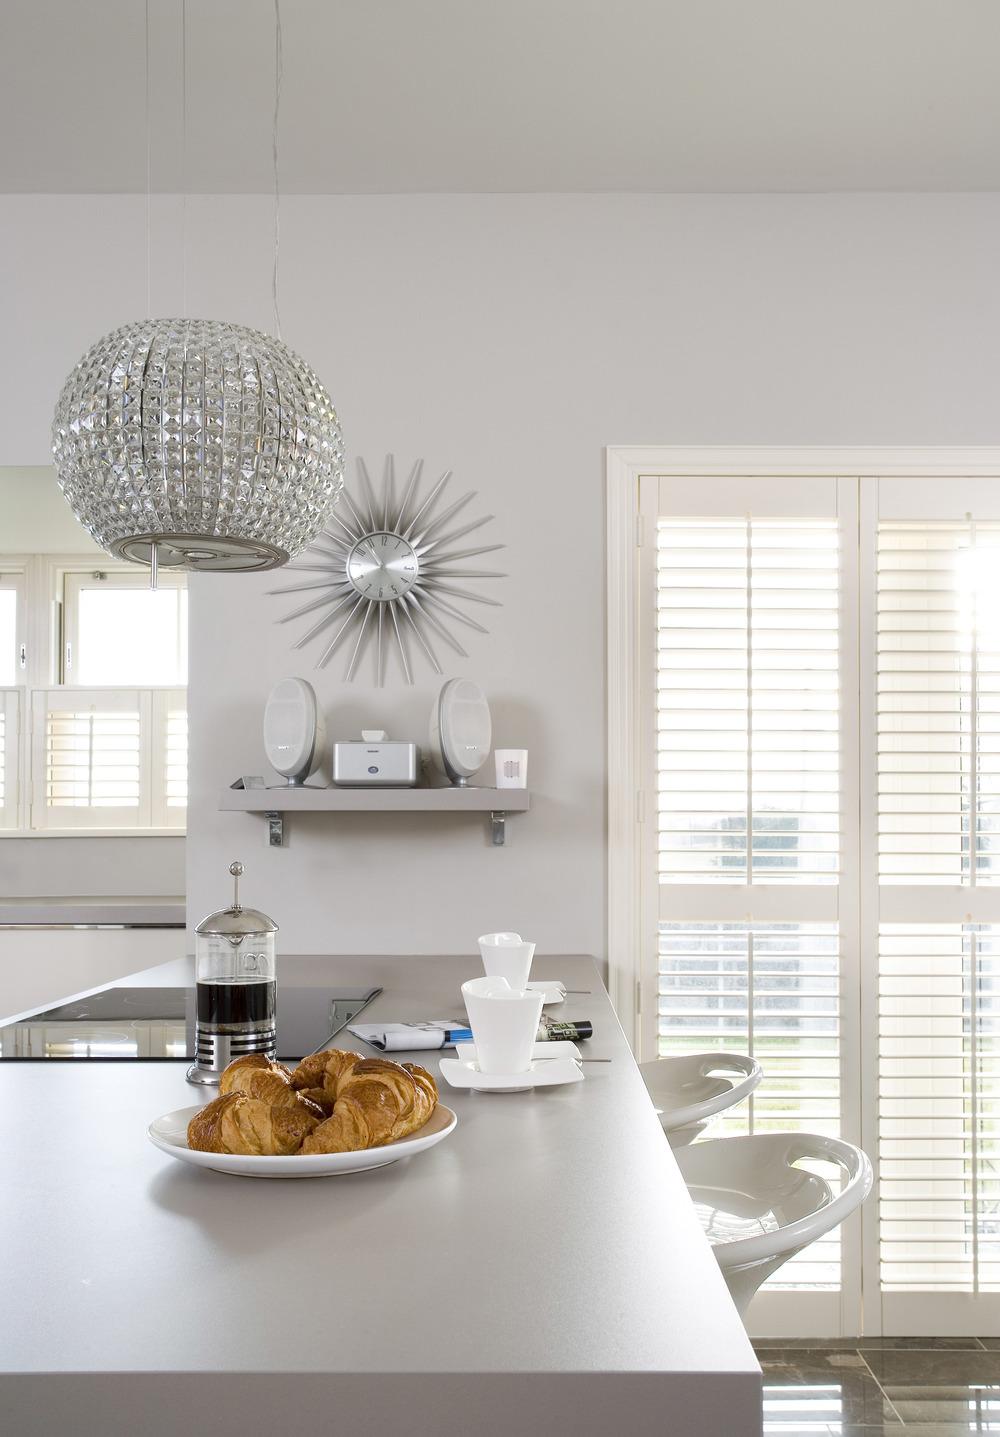 Castlebellingham Kitchen (6).jpg